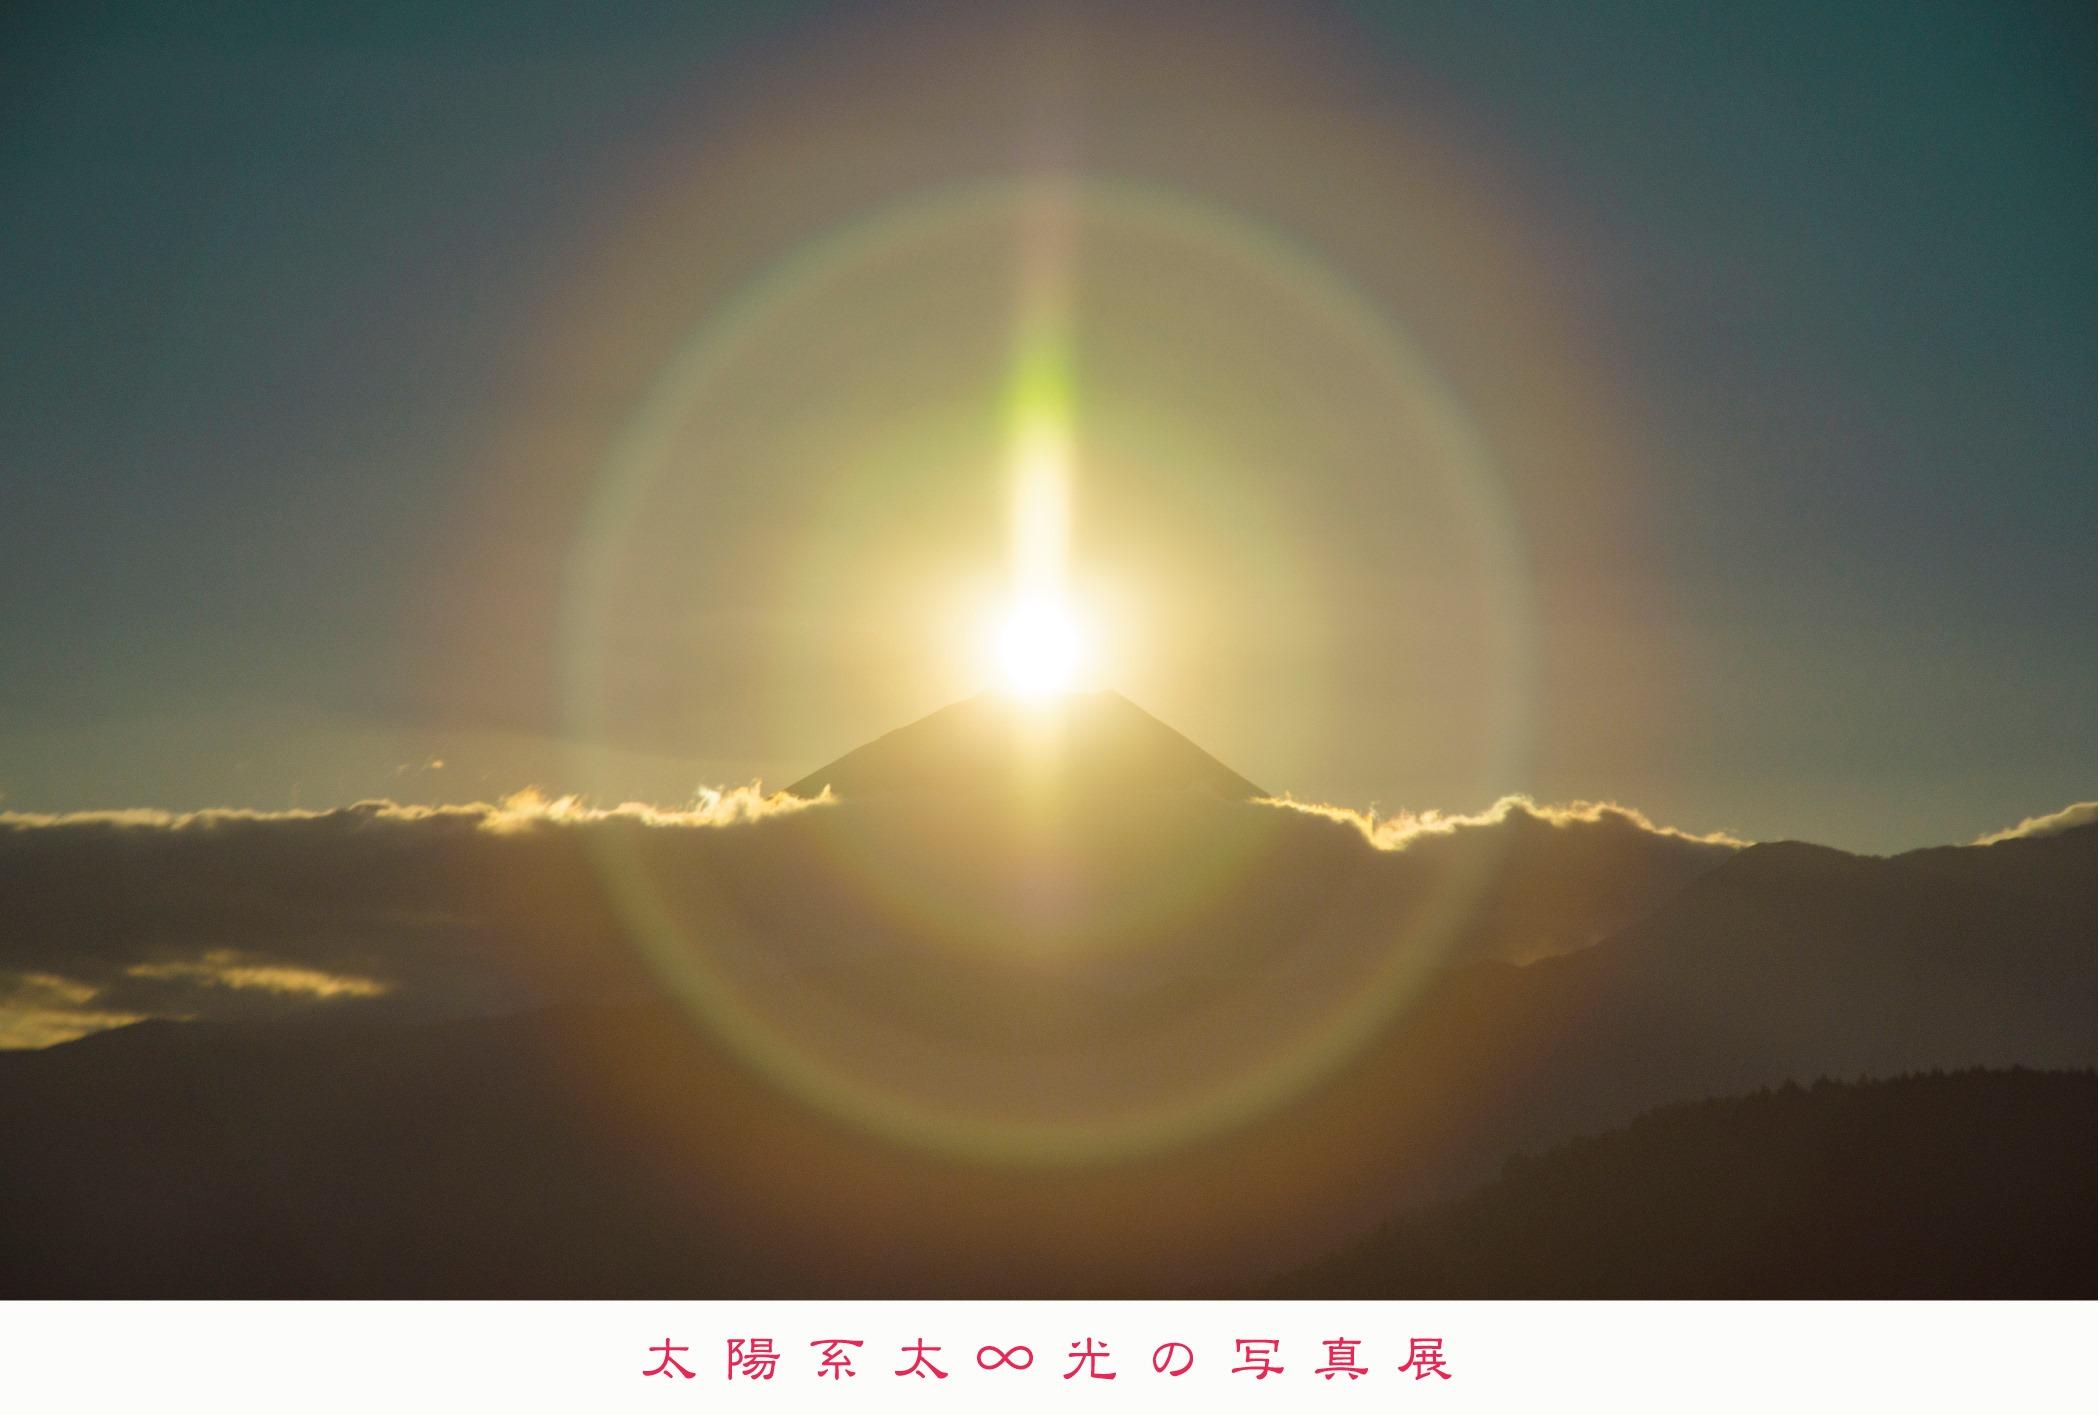 太陽系太∞光の写真展開催!